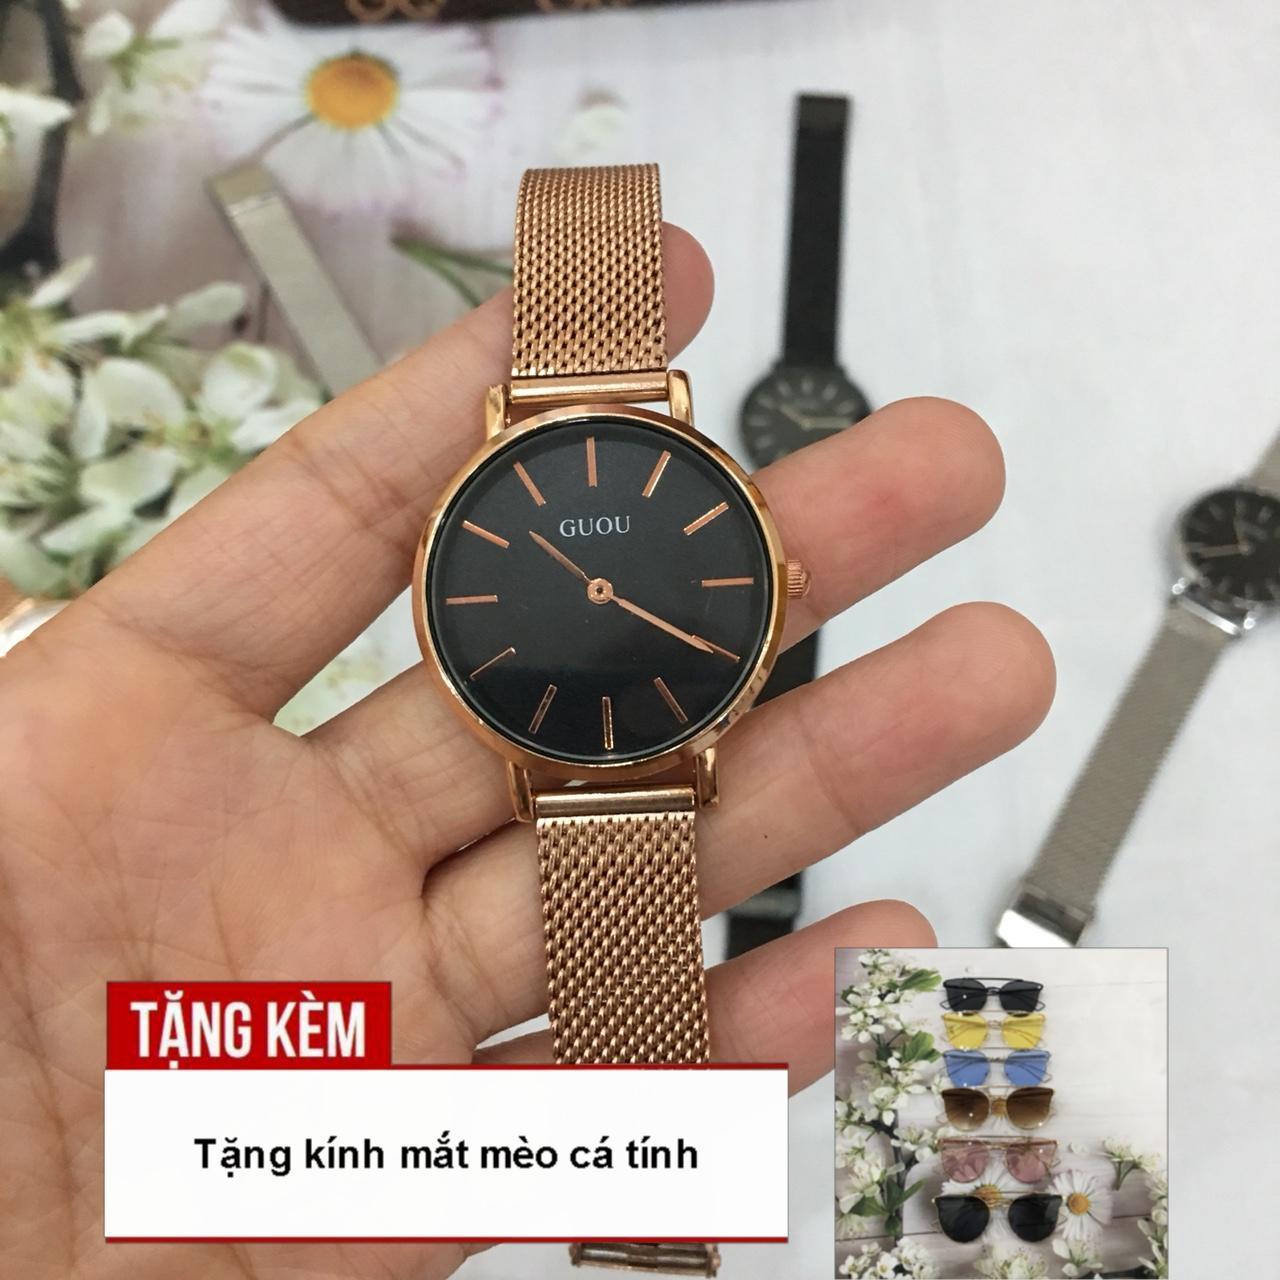 Nơi bán [TẶNG NGAY KÍNH MẮT MÈO THỜI TRANG] Đồng hồ dây thép lụa dành cho nữ của hãng GUOU thiết kế mặt 2 kim chạy, vạch số rõ ràng siêu trẻ trung A43-CKD